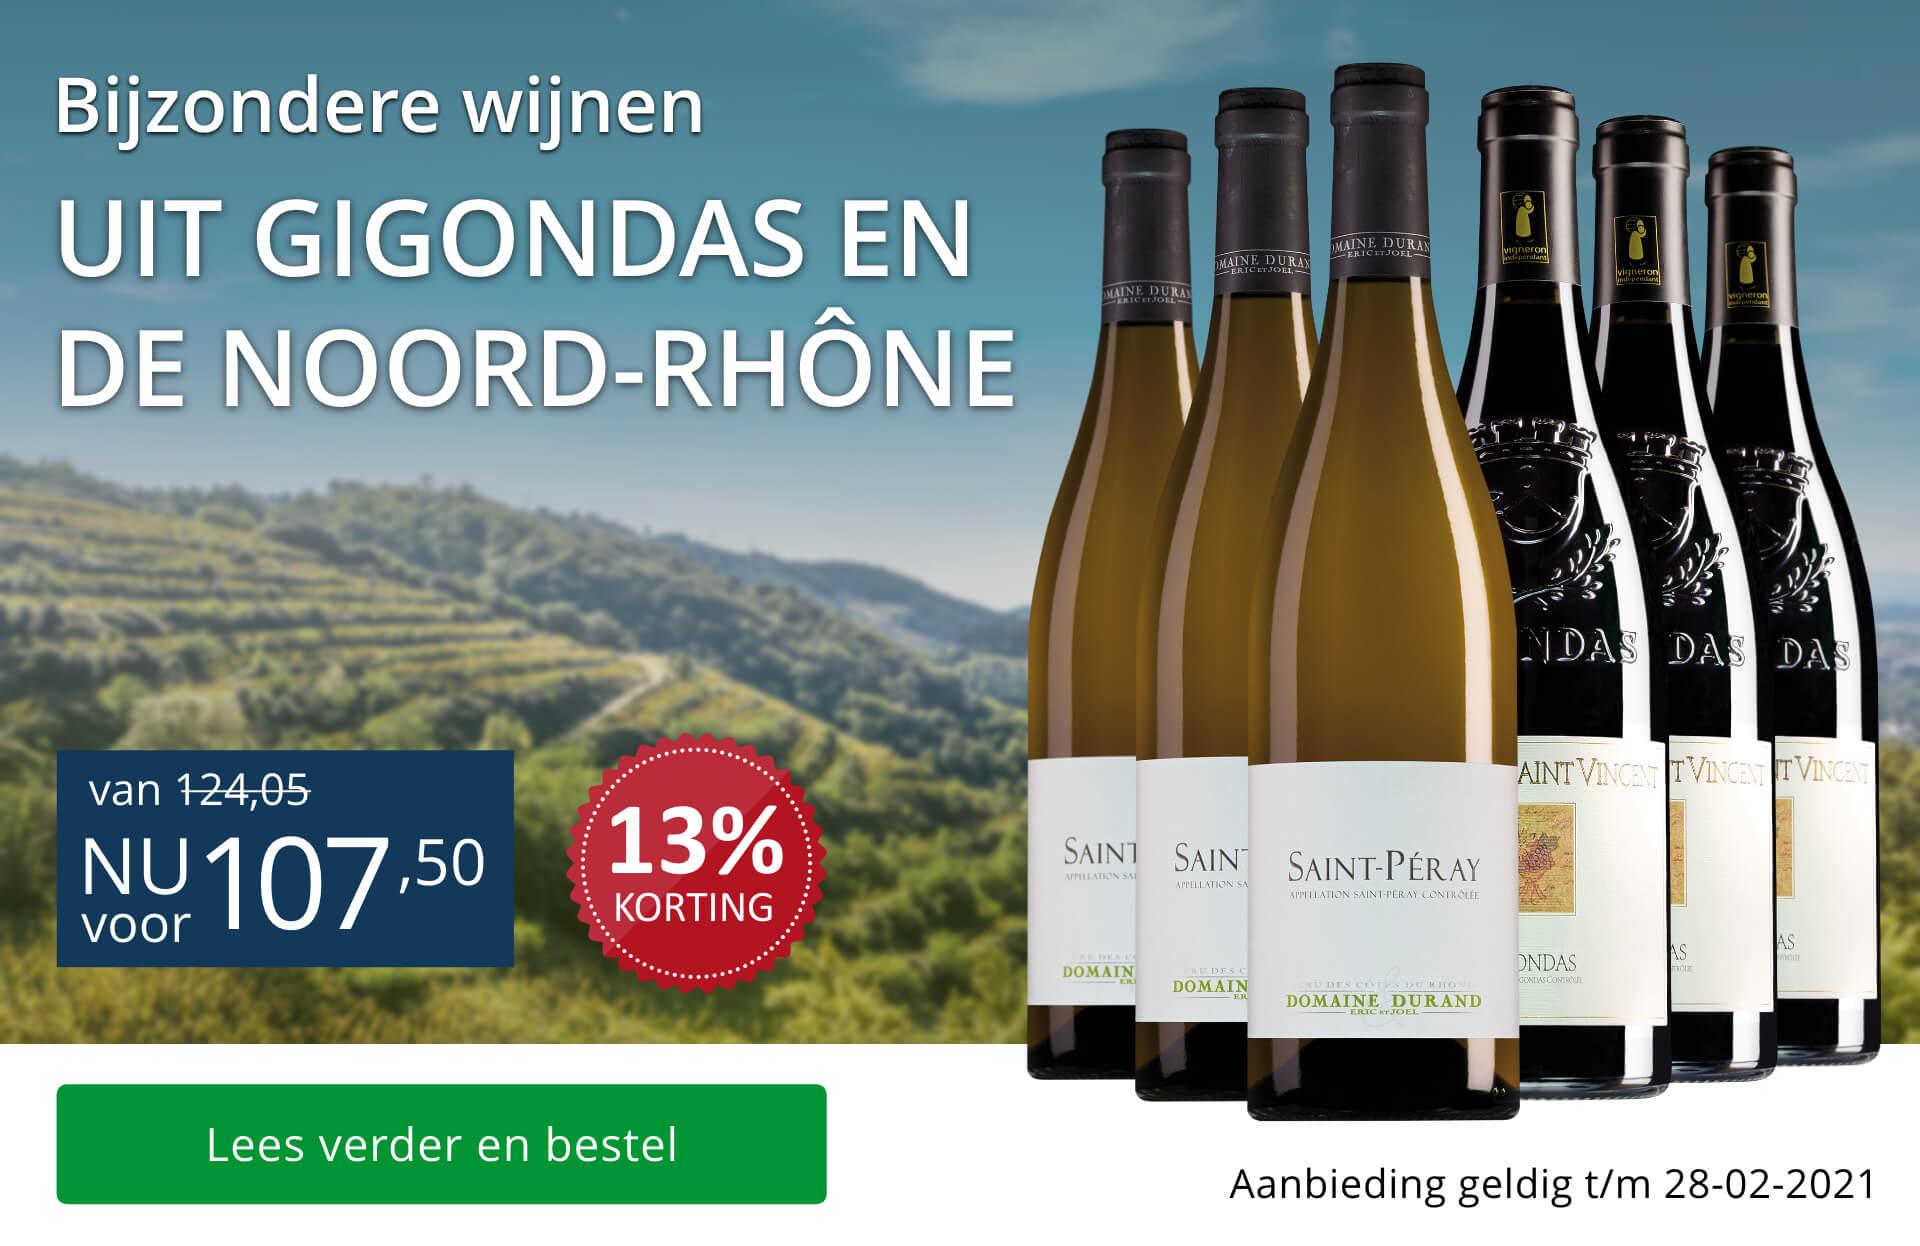 Wijnpakket bijzondere wijnen februari 2021 (107,50)-blauw